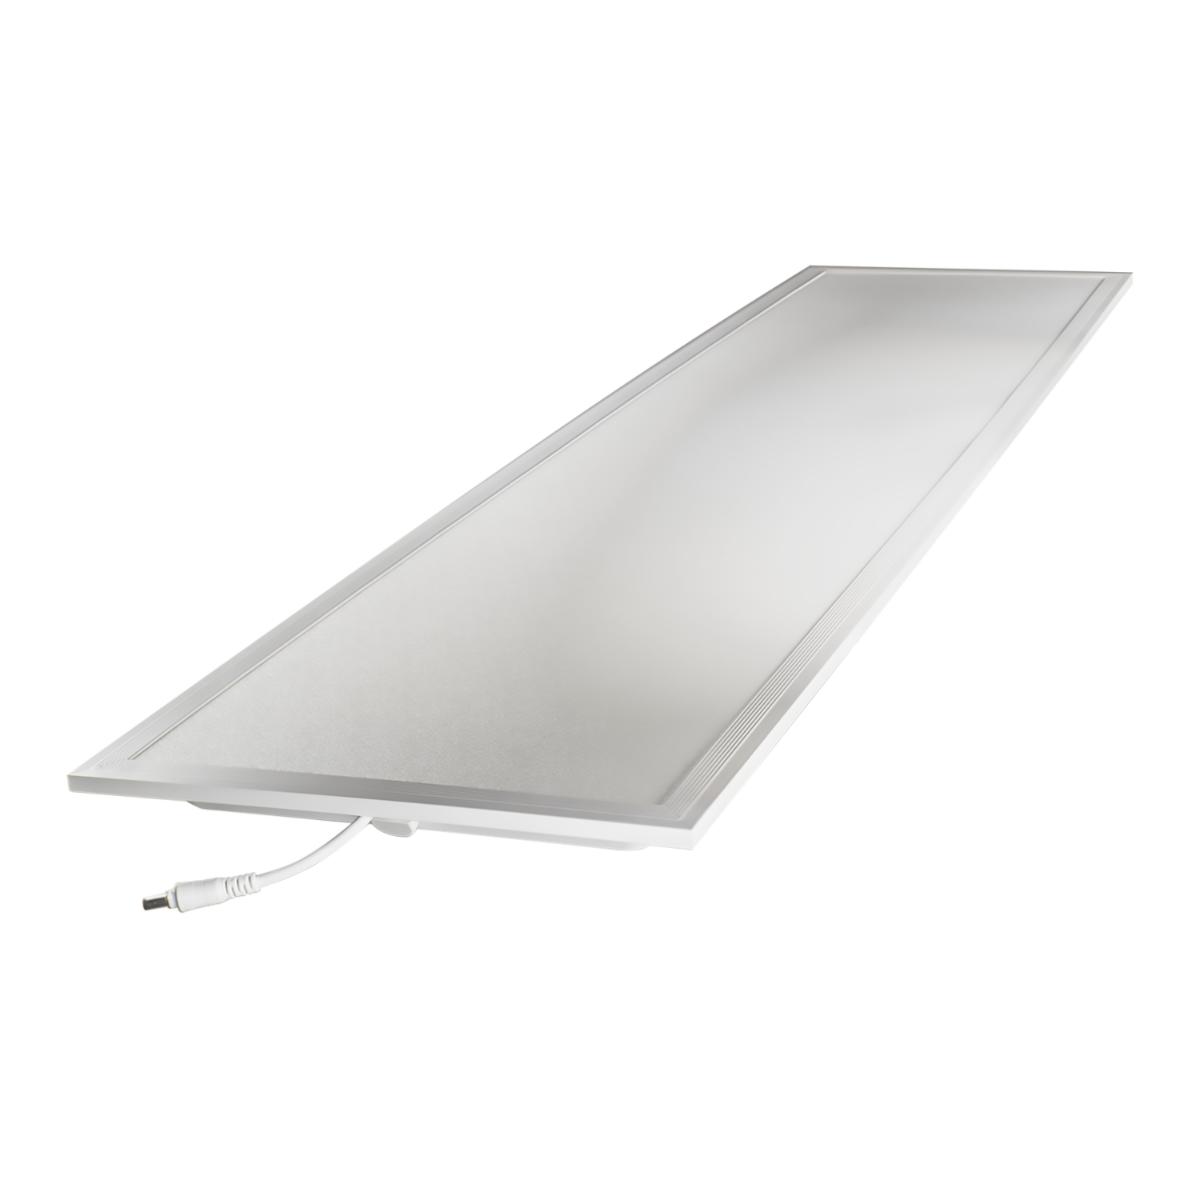 Noxion Panneau LED Econox 32W 30x120cm 3000K 3900lm UGR <22   Blanc Chaud - Substitut 2x36W